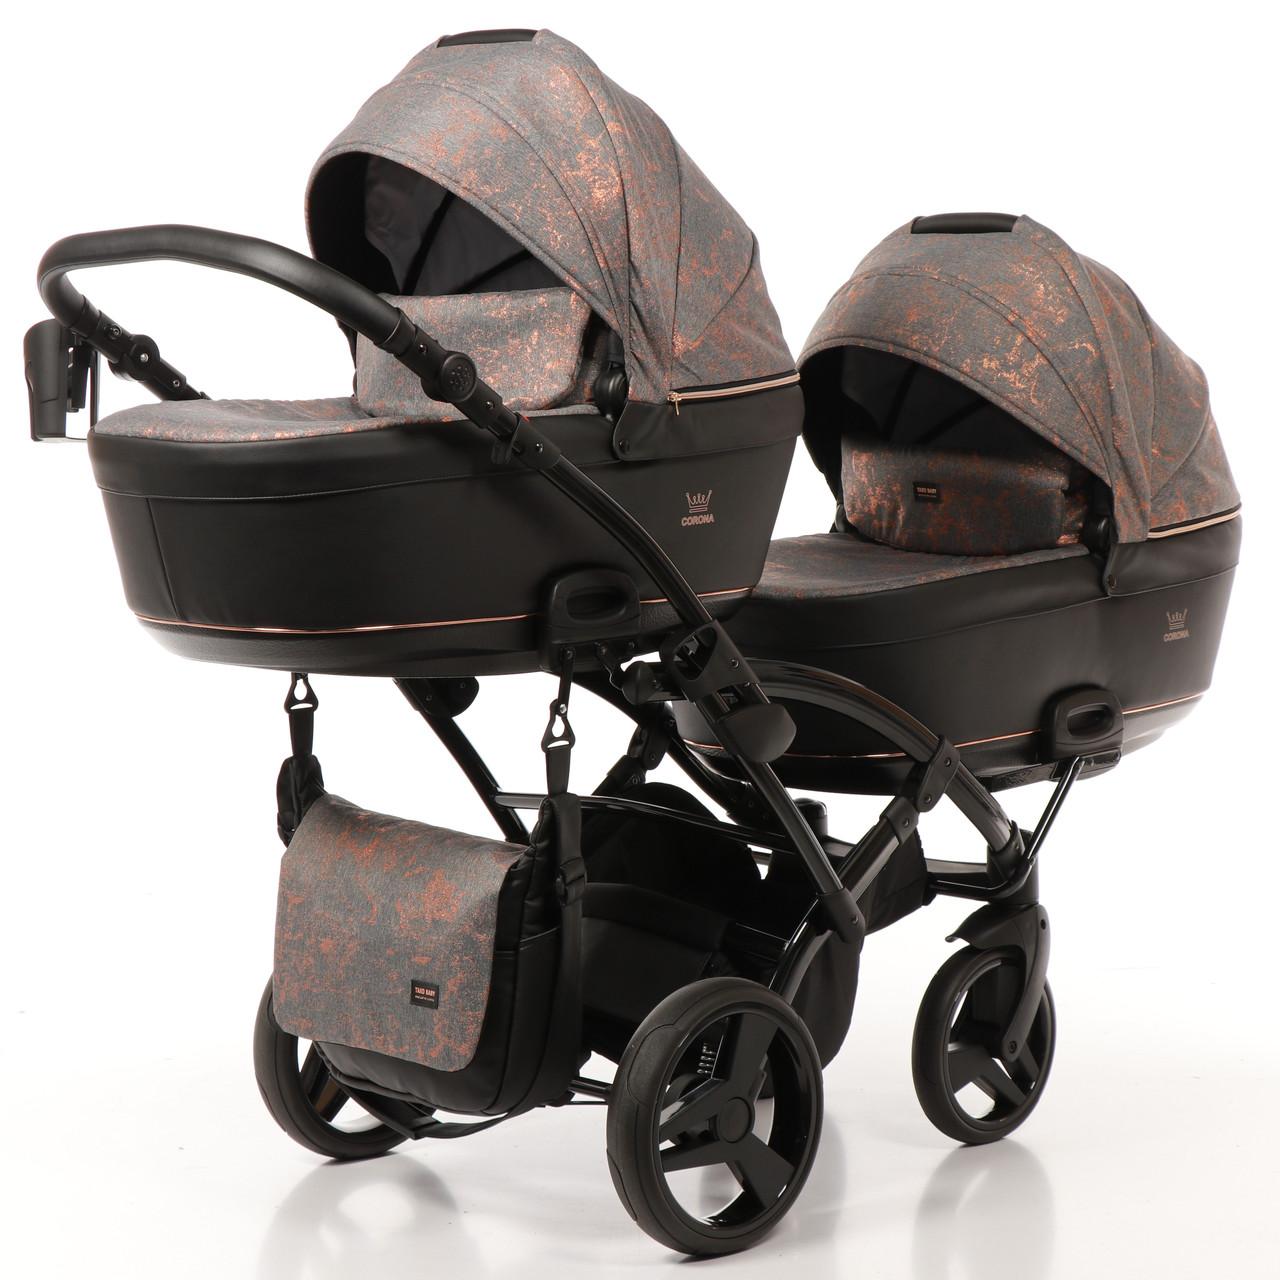 Дитяча коляска для двійні Tako Corona Duo Slim 01